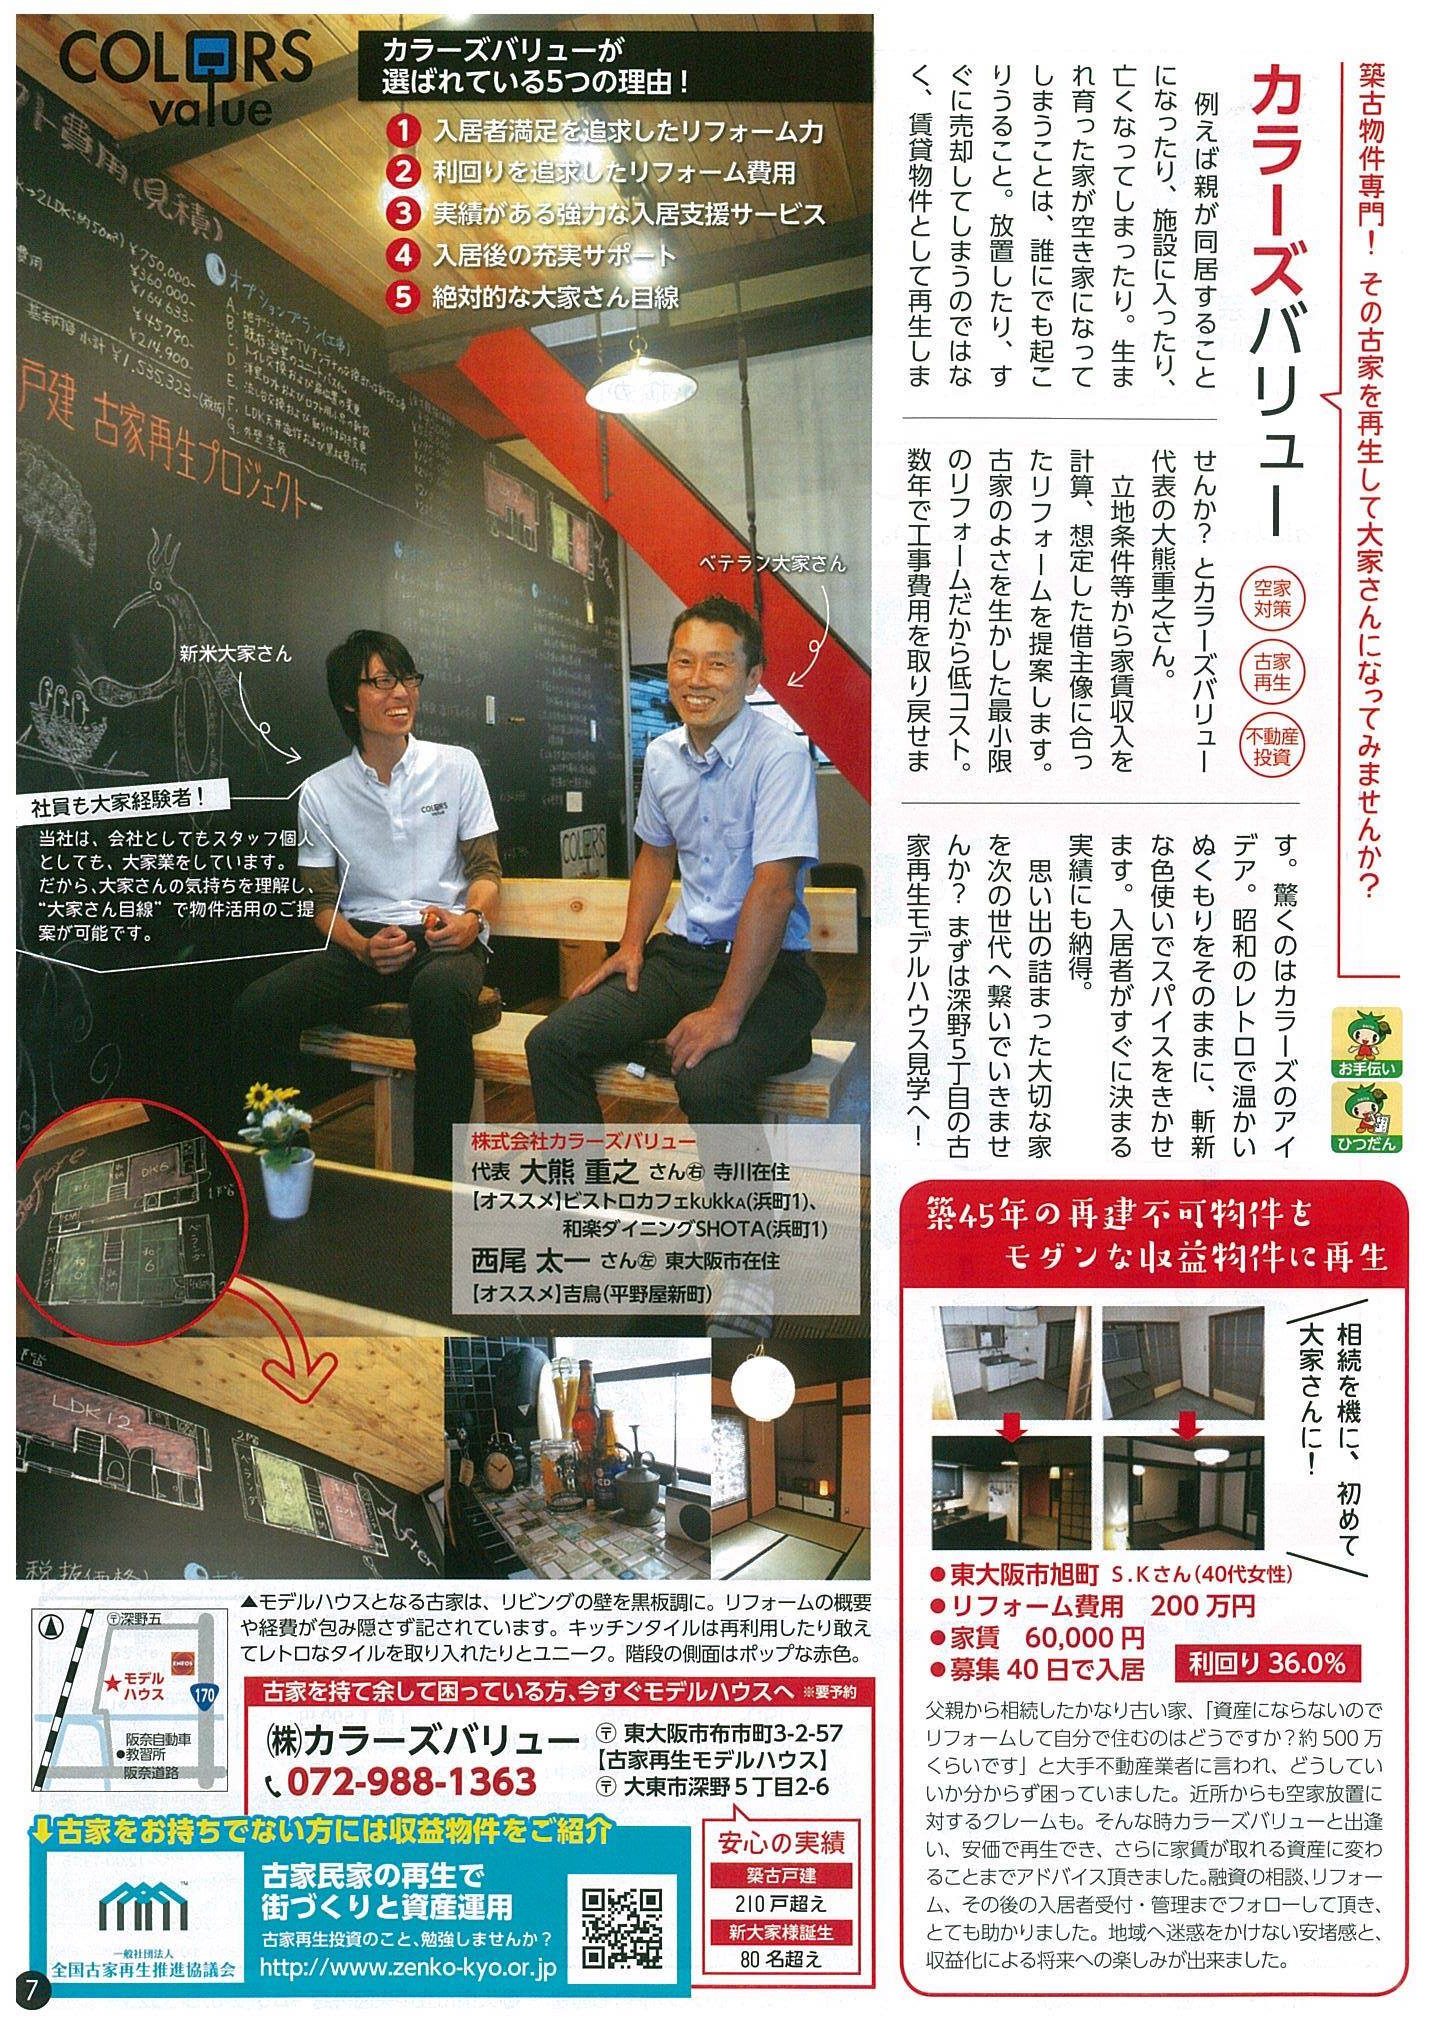 DAITO TIME(だいとうタイム) vol.26でカラーズバリューを掲載していただきました。